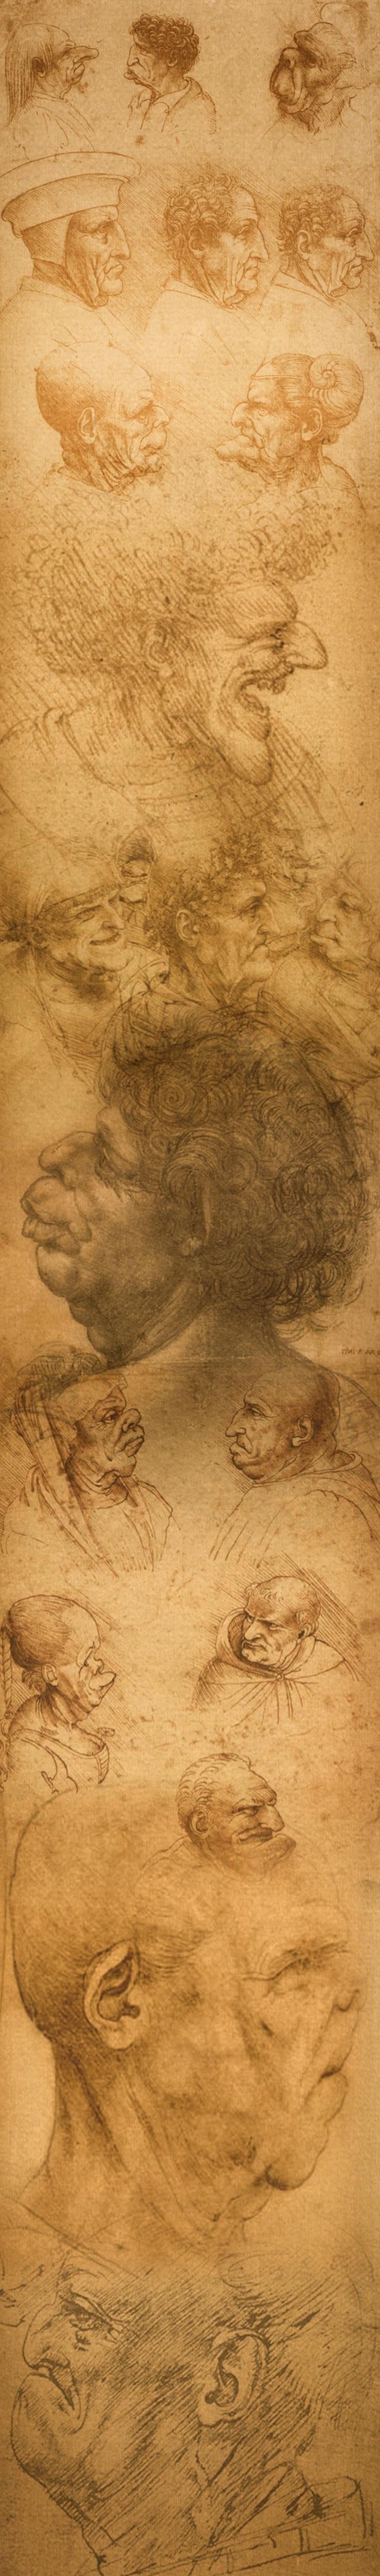 Léonard de Vinci - Panoramique vertical de certaines œuvres